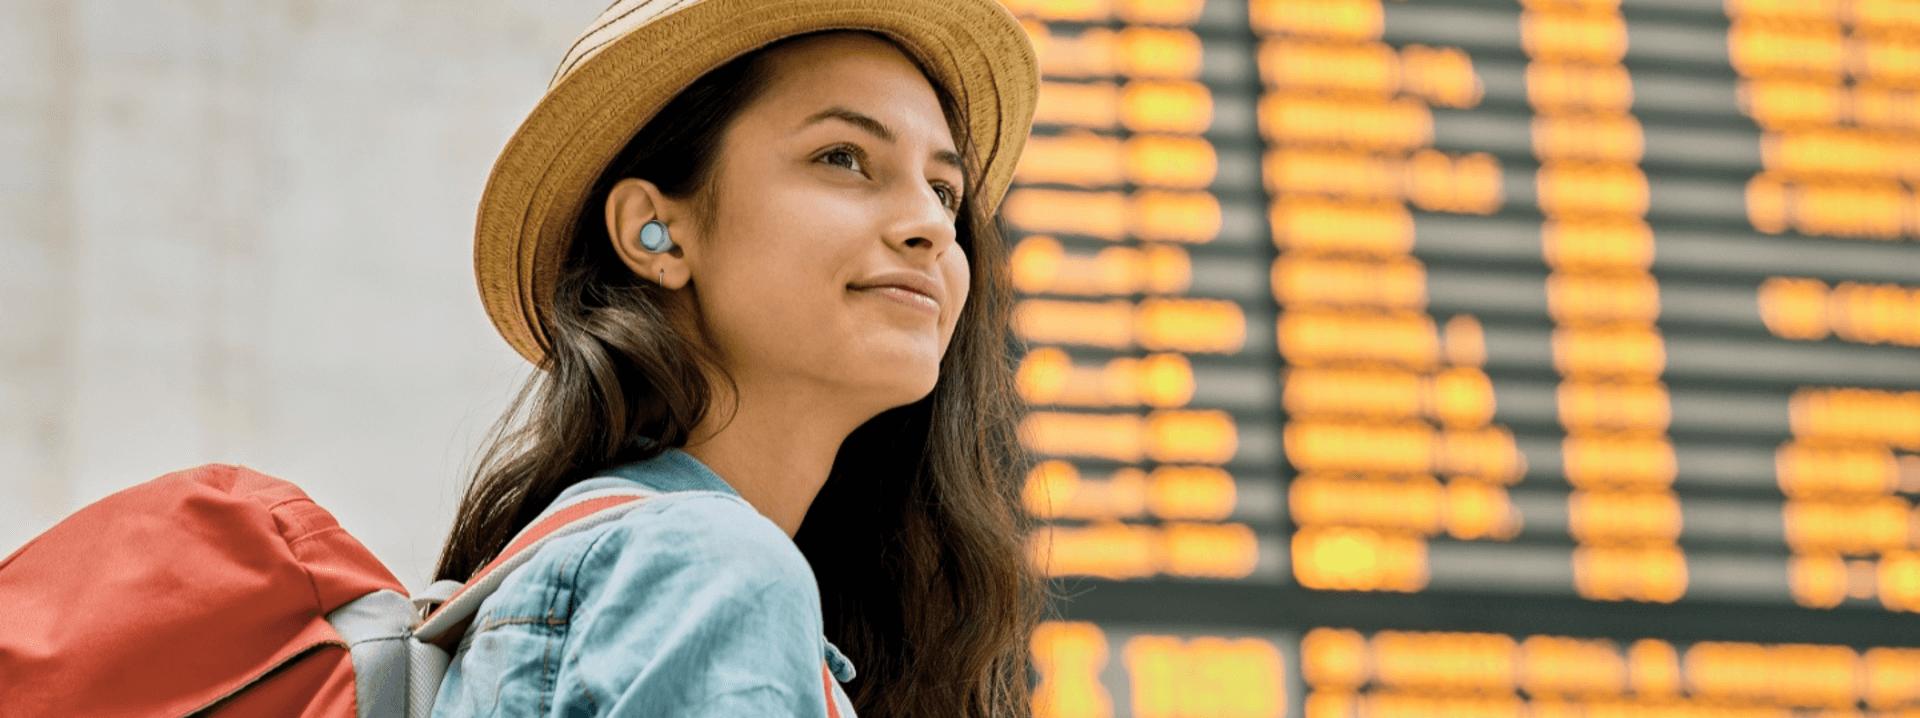 Panasonic In-Ear True Wireless